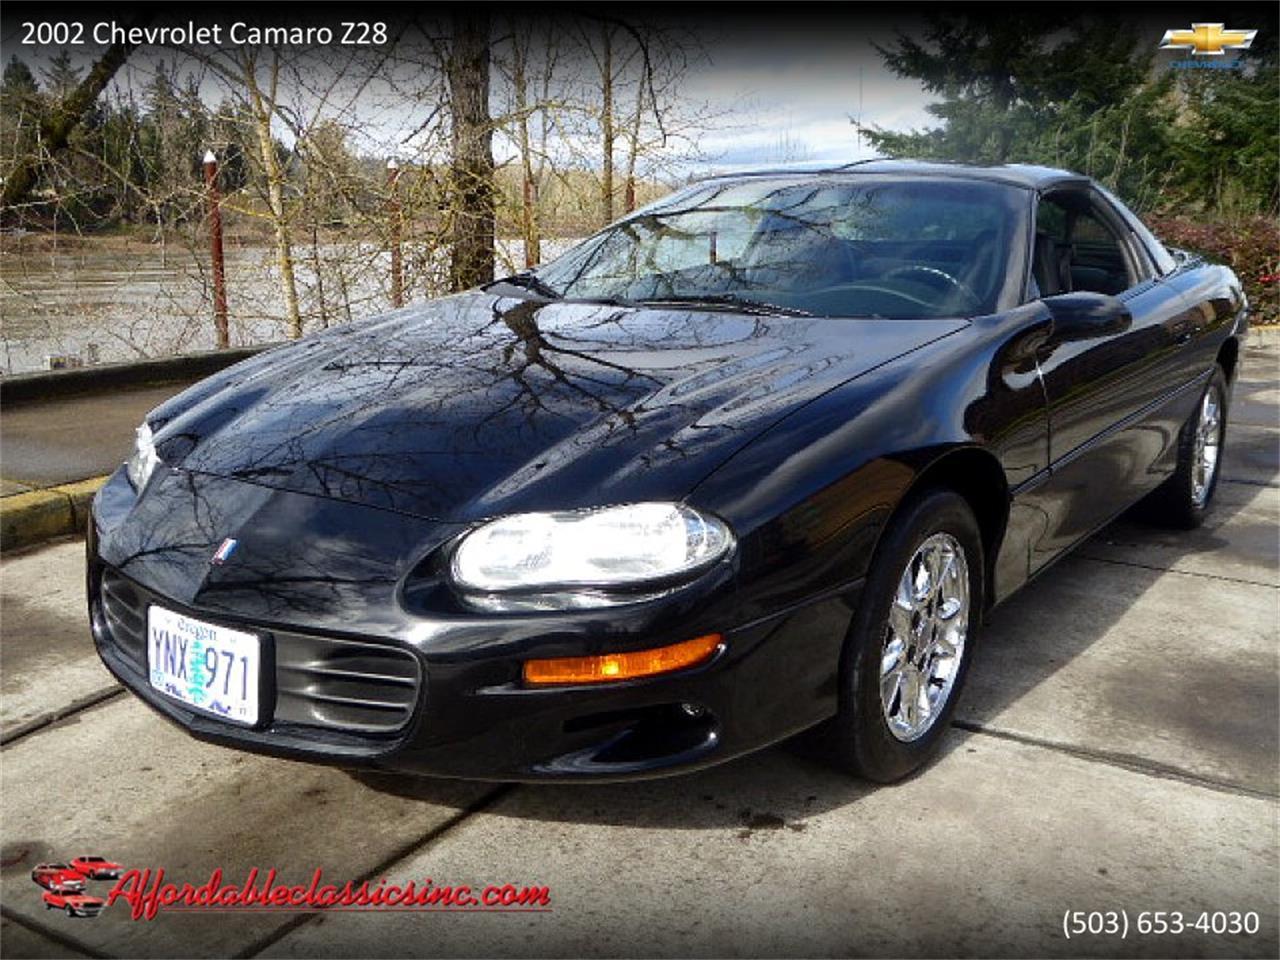 For Sale 2002 Chevrolet Camaro Z28 In Gladstone Oregon